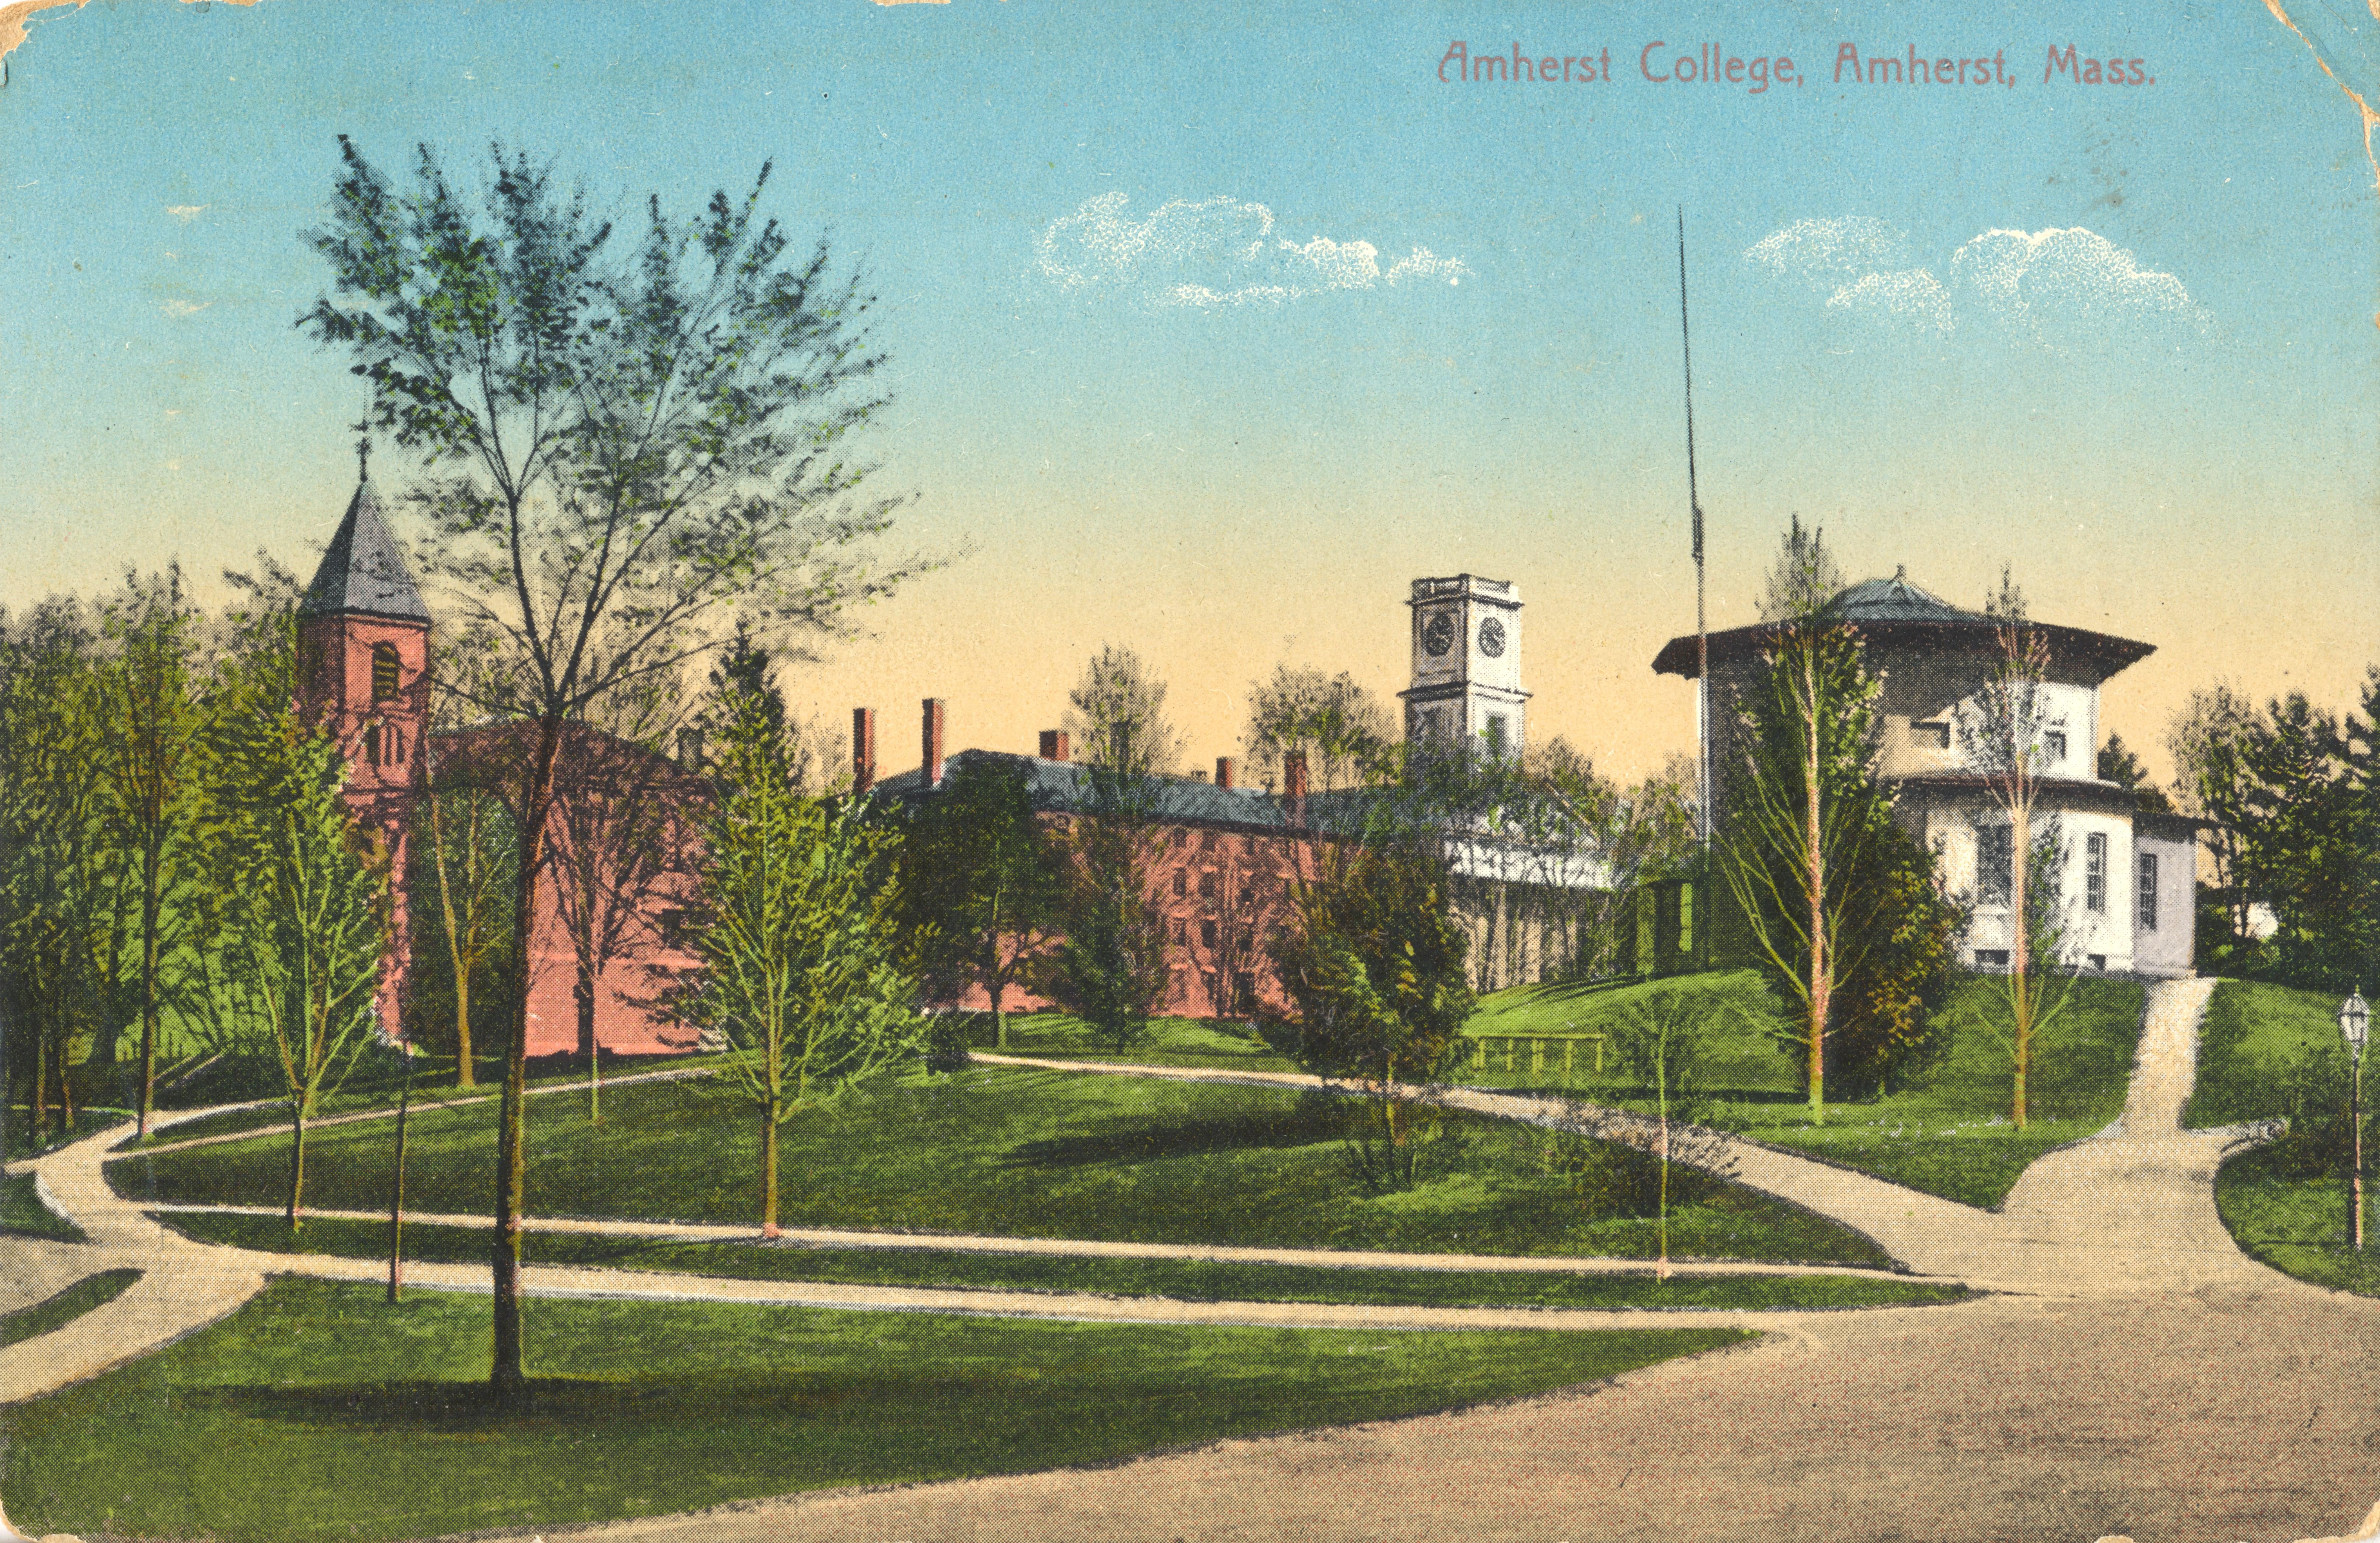 UMass Amherst Libraries